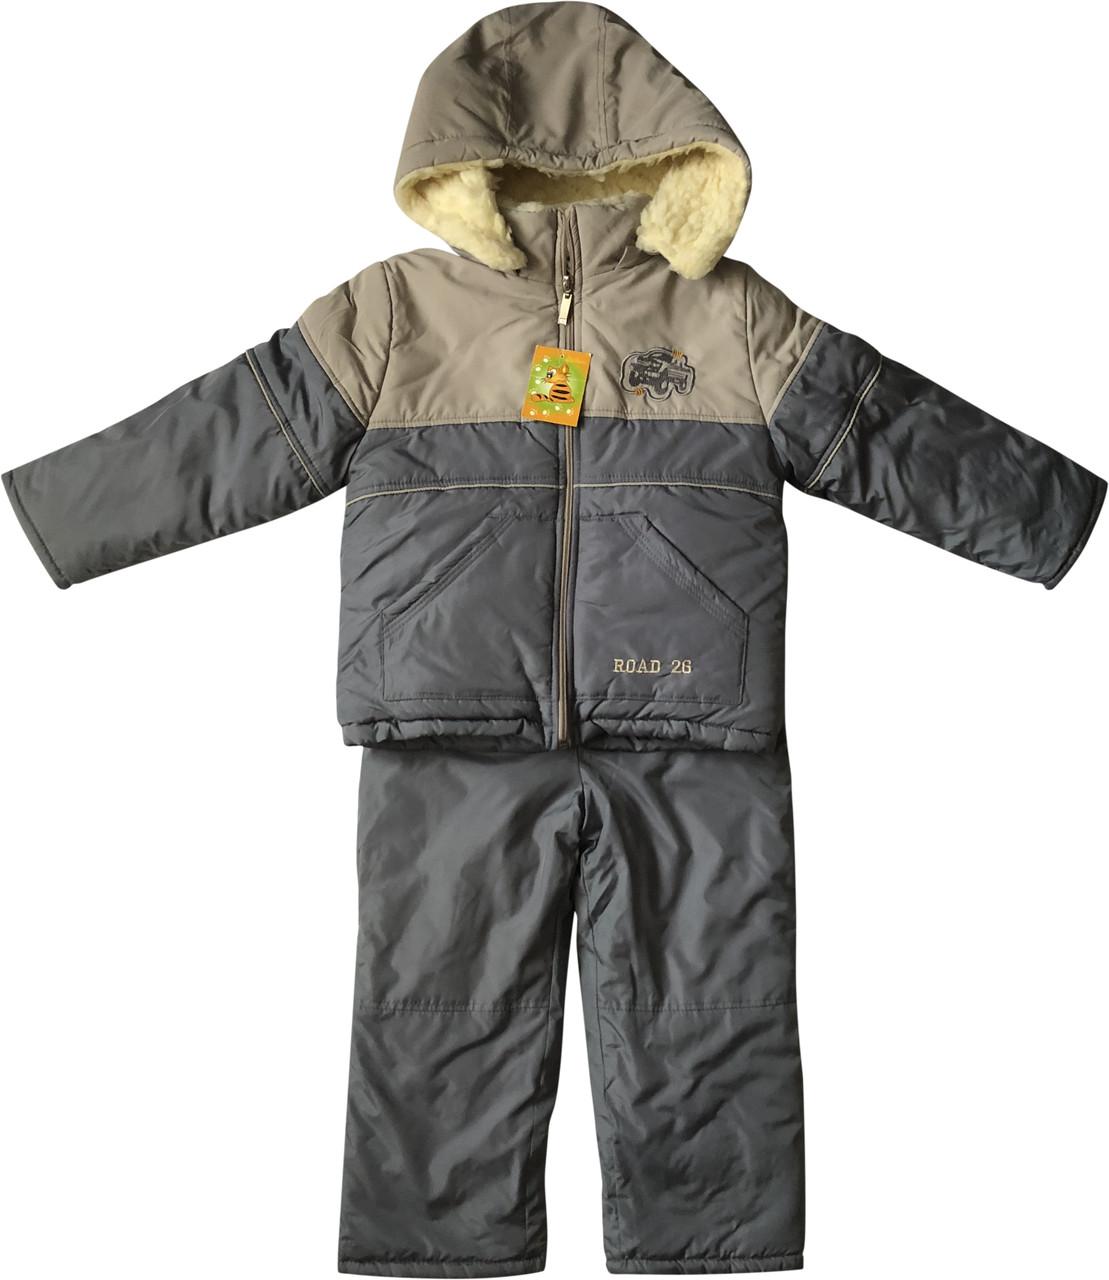 Детский зимний комбинезон на мальчика рост 104 3-4 года для детей раздельный серый